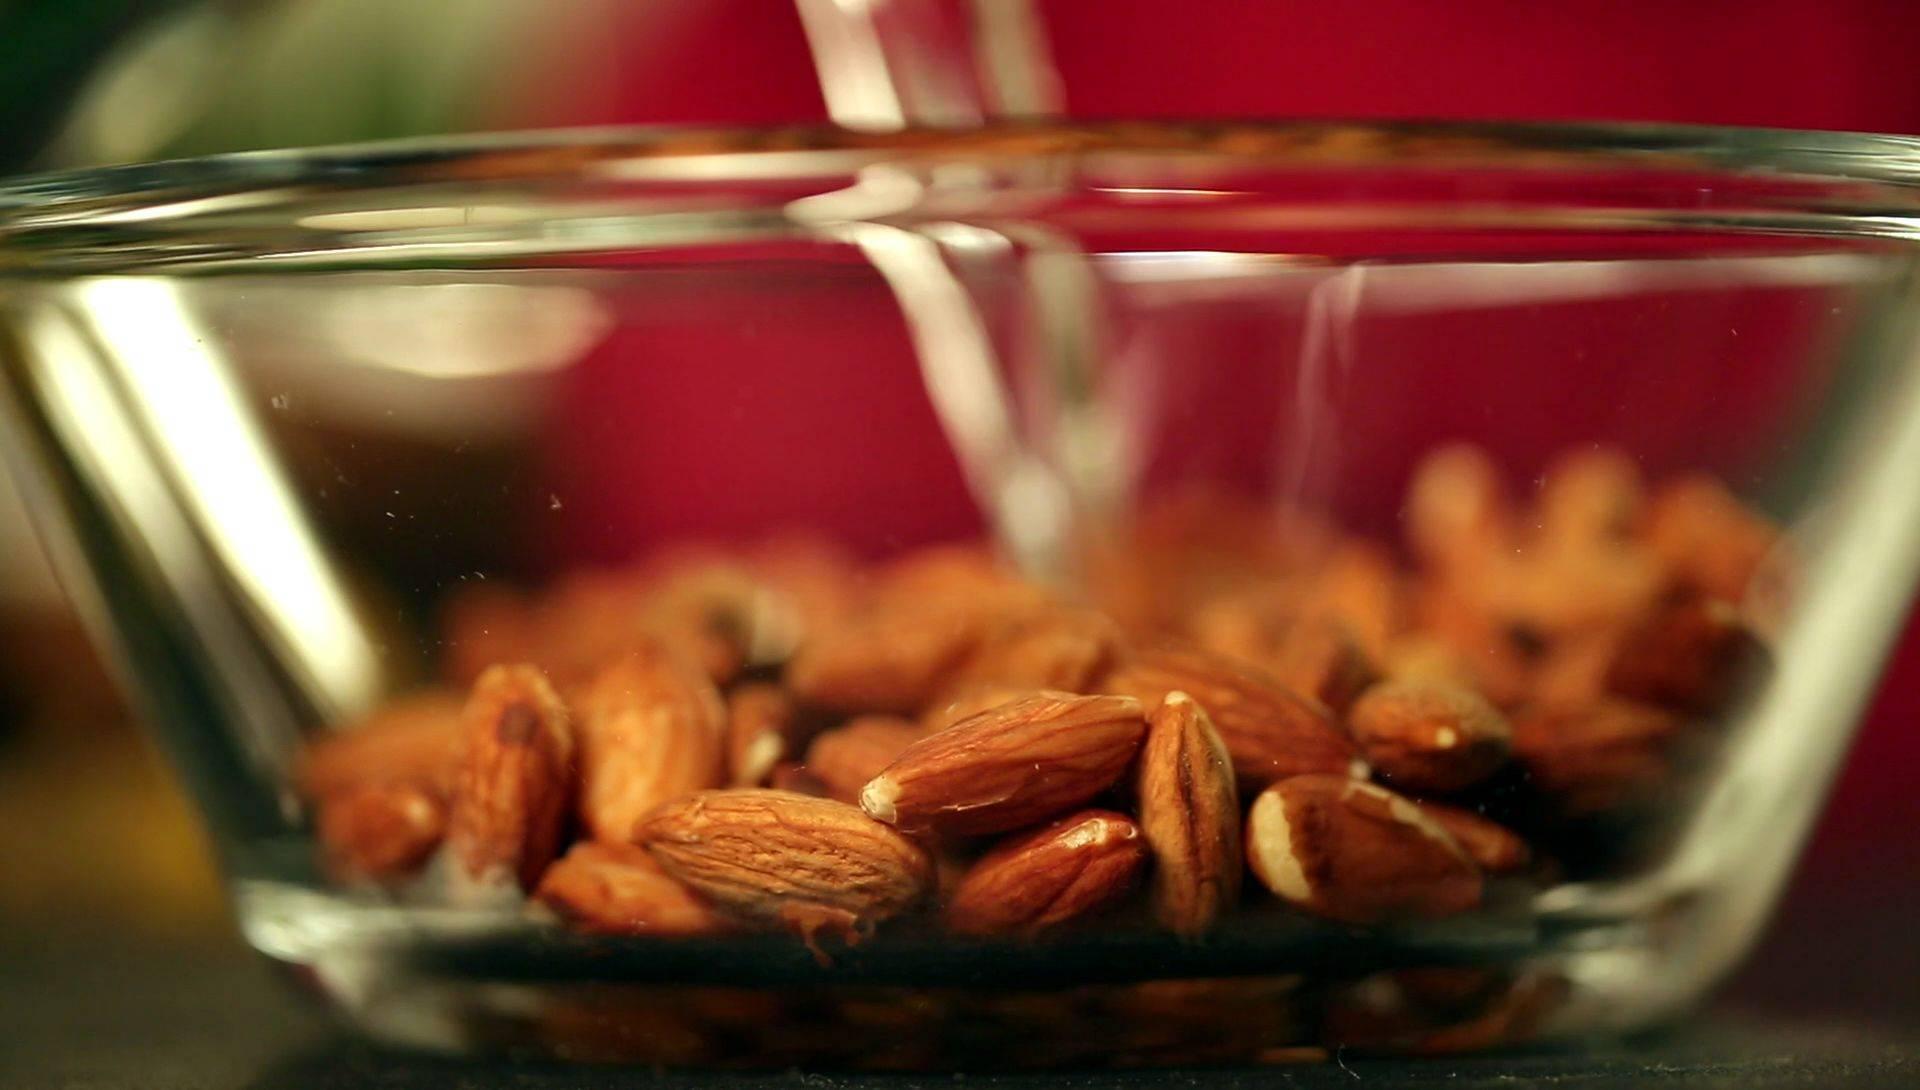 Как и нужно ли обрабоатывать орехи перед употреблением - орех эксперт